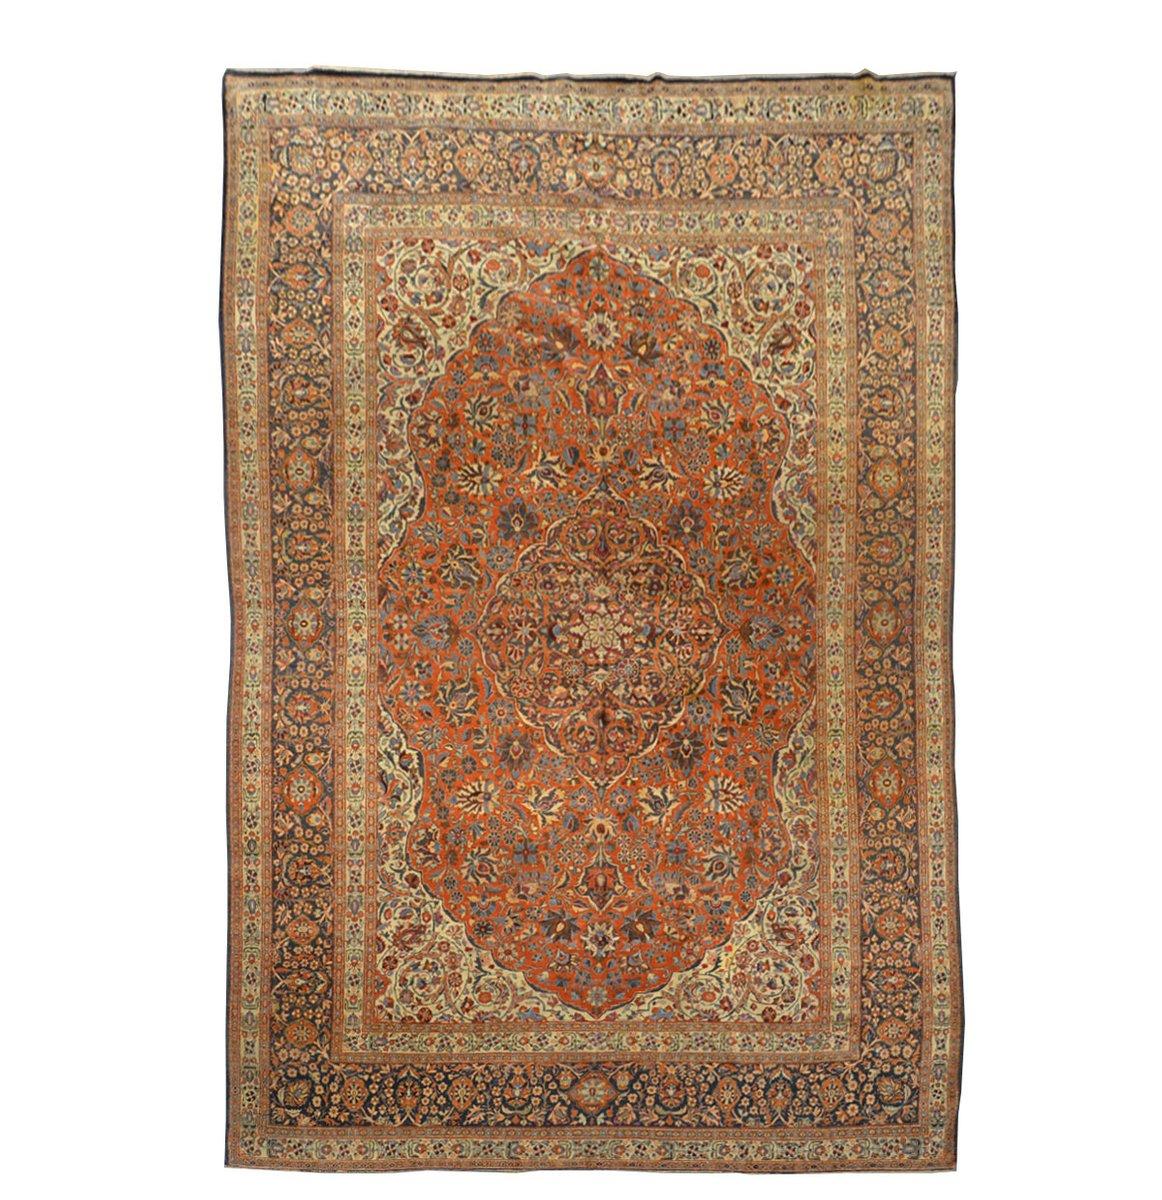 klassischer persischer tabriz teppich aus wolle 1900er bei pamono kaufen. Black Bedroom Furniture Sets. Home Design Ideas